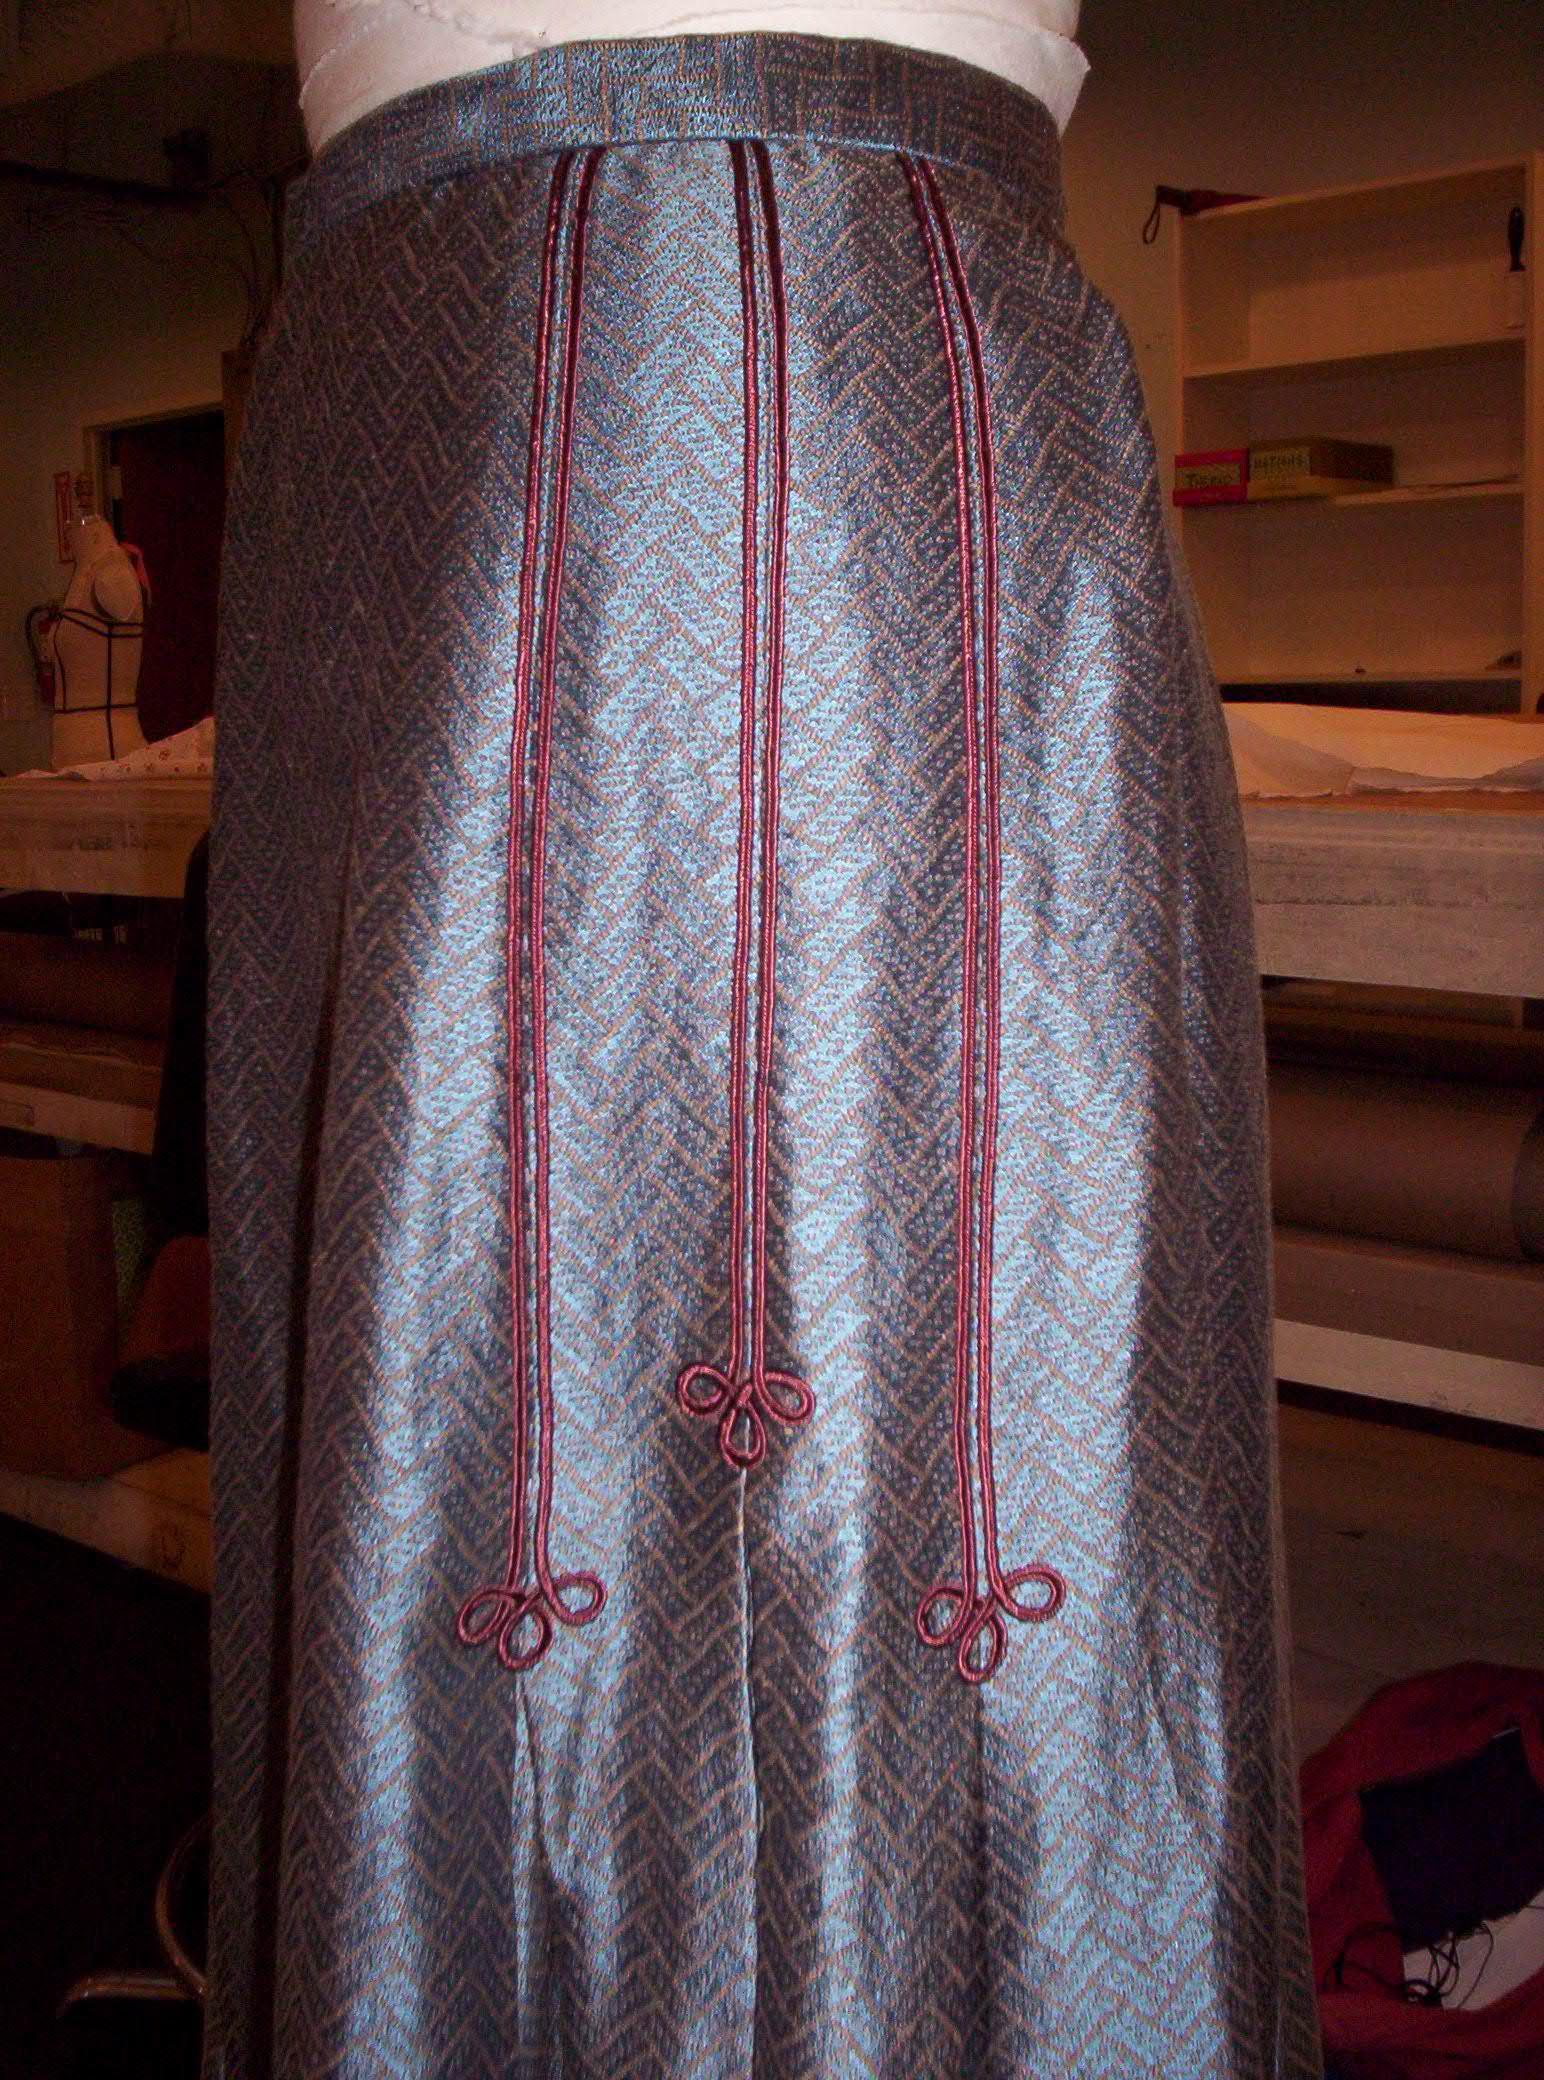 MJBRB skirt detail.jpg